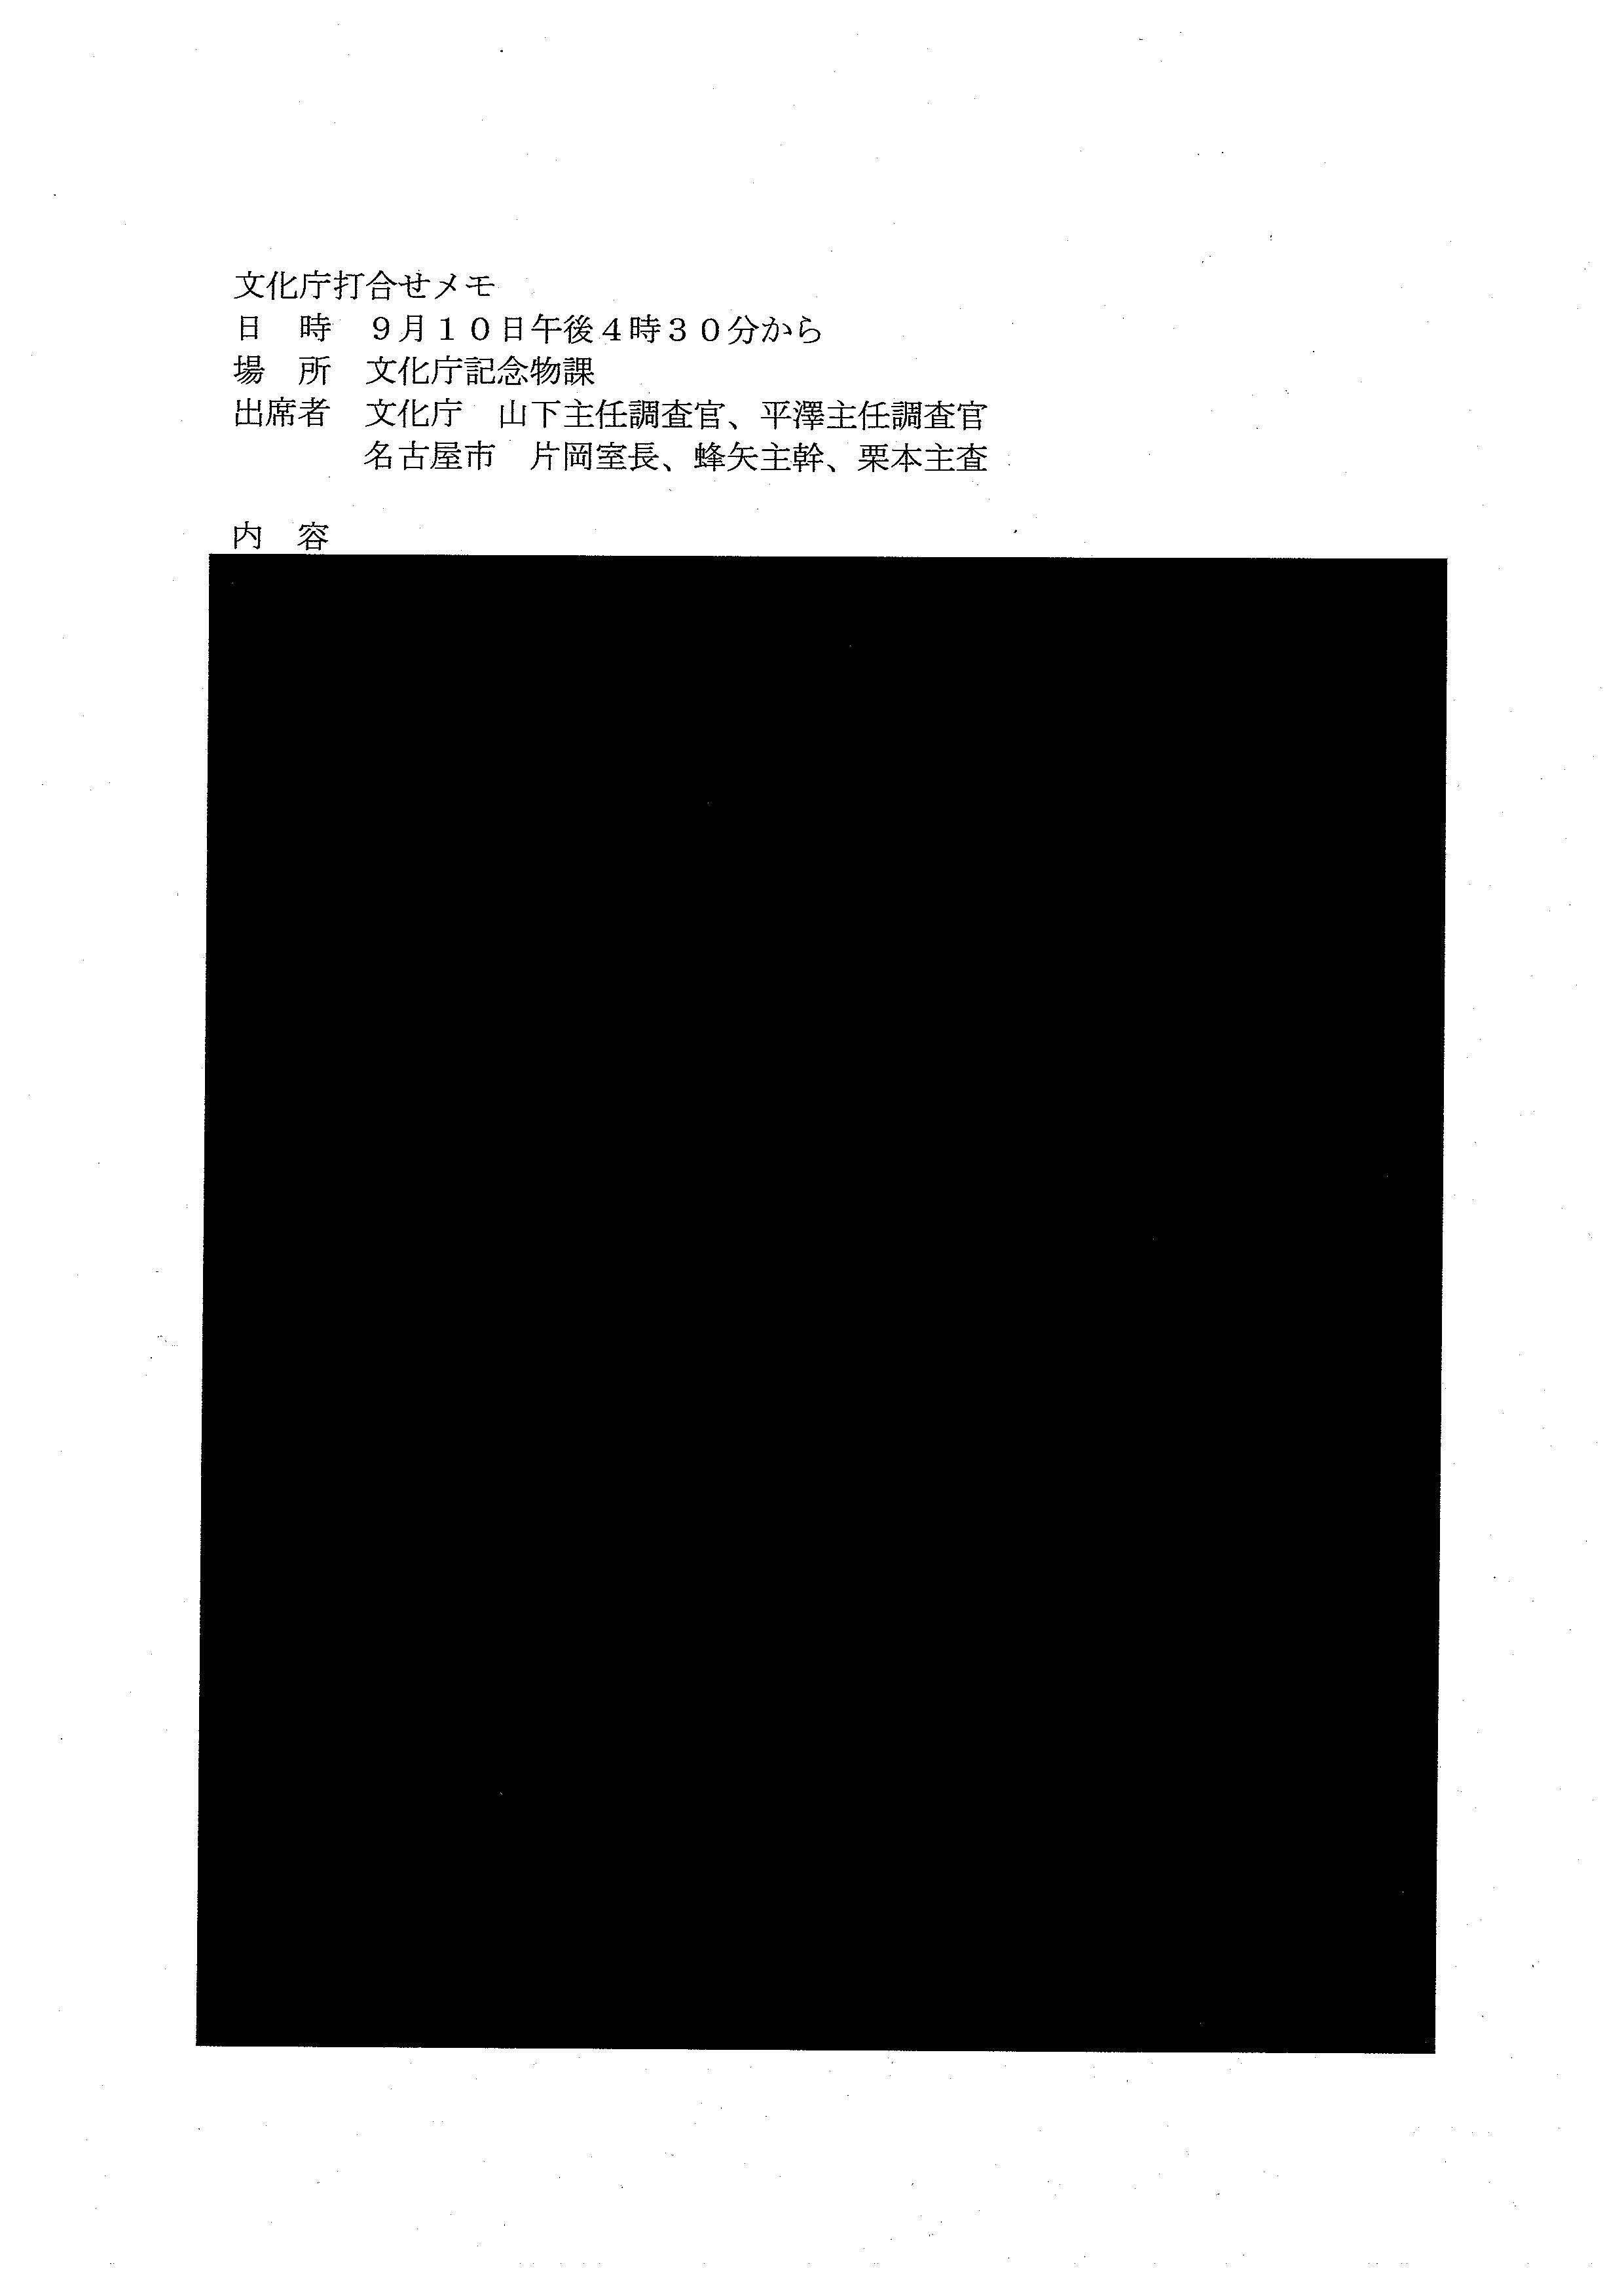 名古屋城木造化 名古屋市が文化庁訪問時の内容・資料全部非公開_d0011701_23143592.jpg